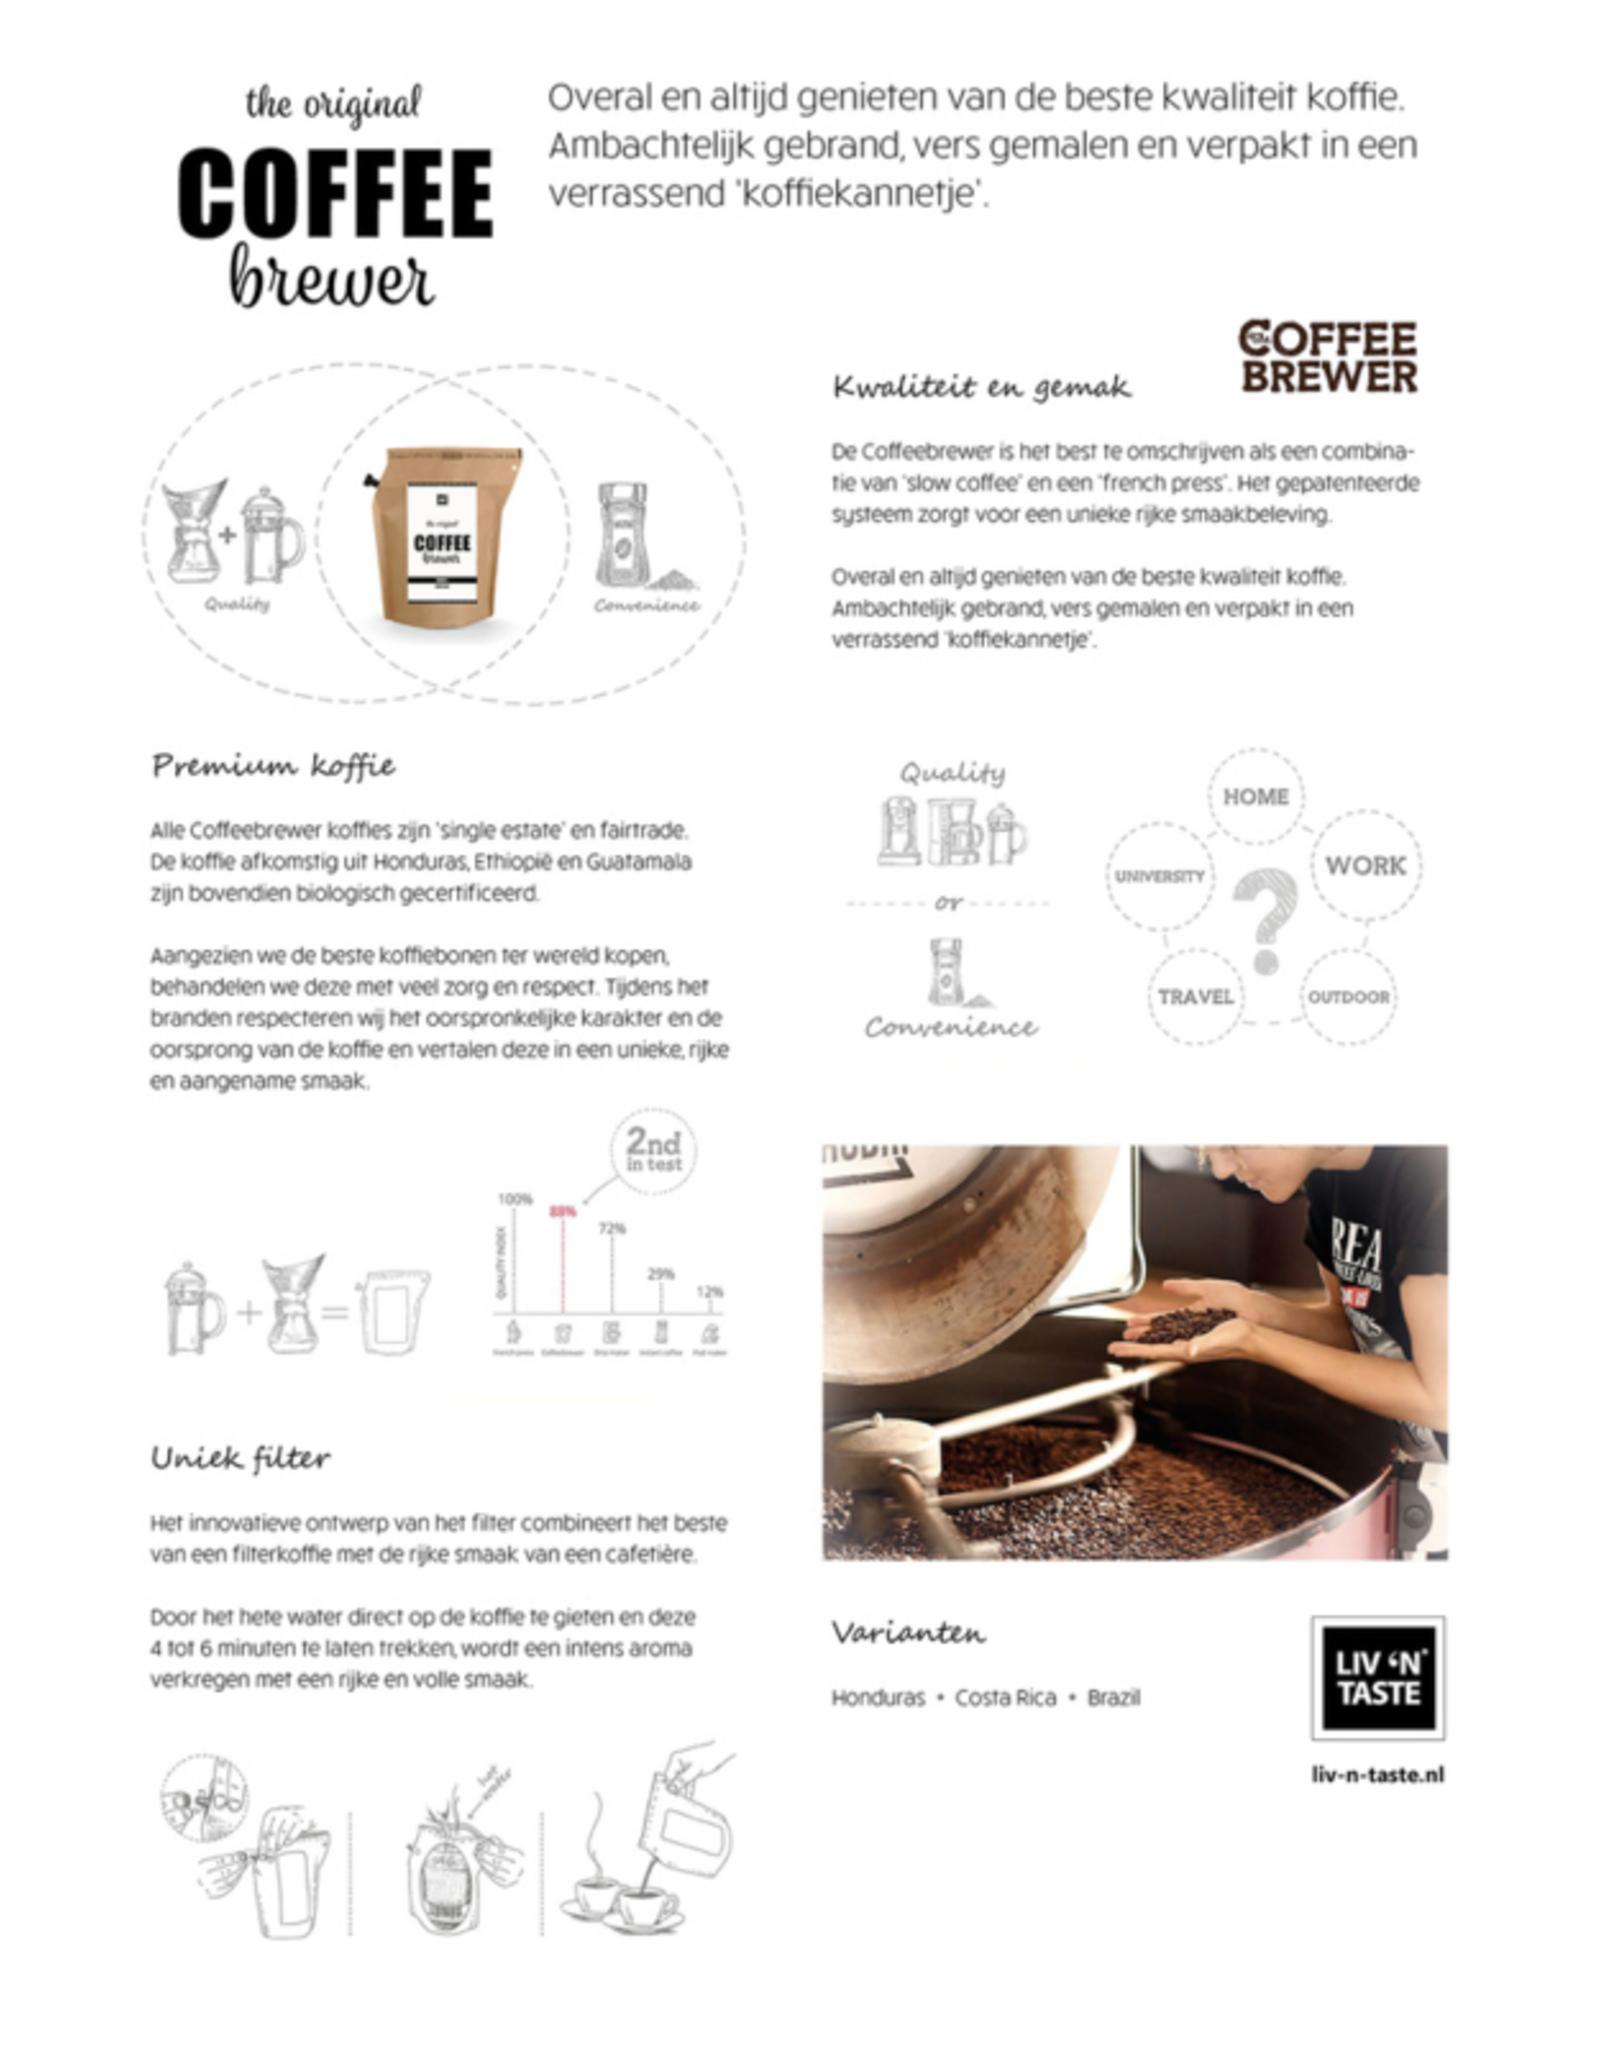 LIV 'N TASTE Coffeebrewer Sint - CoffeeBrewer Gift